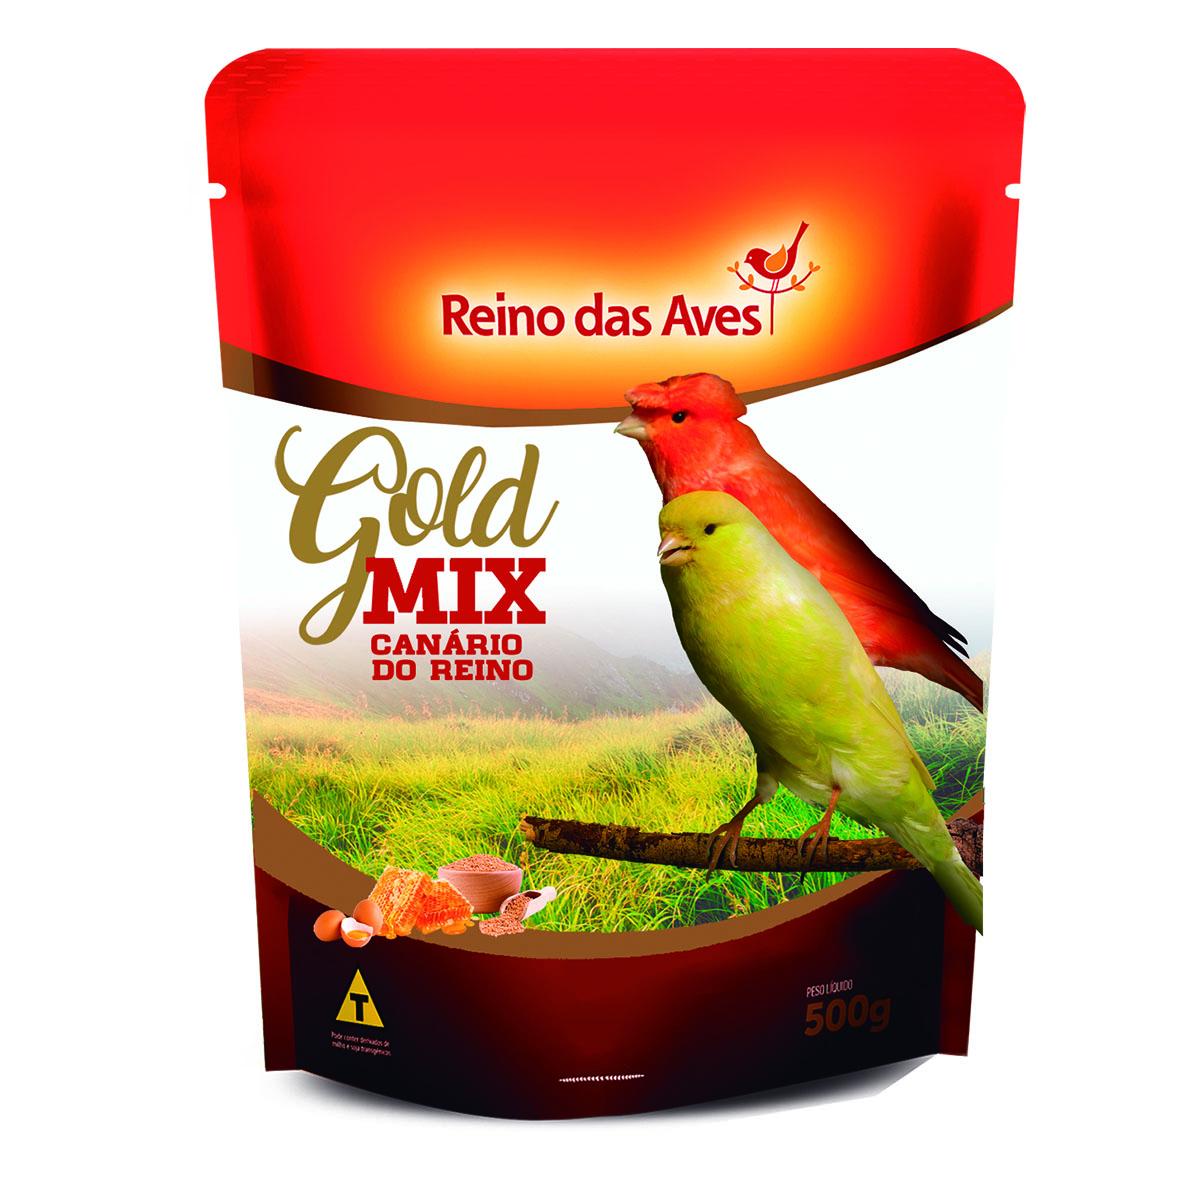 Canário do Reino Gold Mix 500g